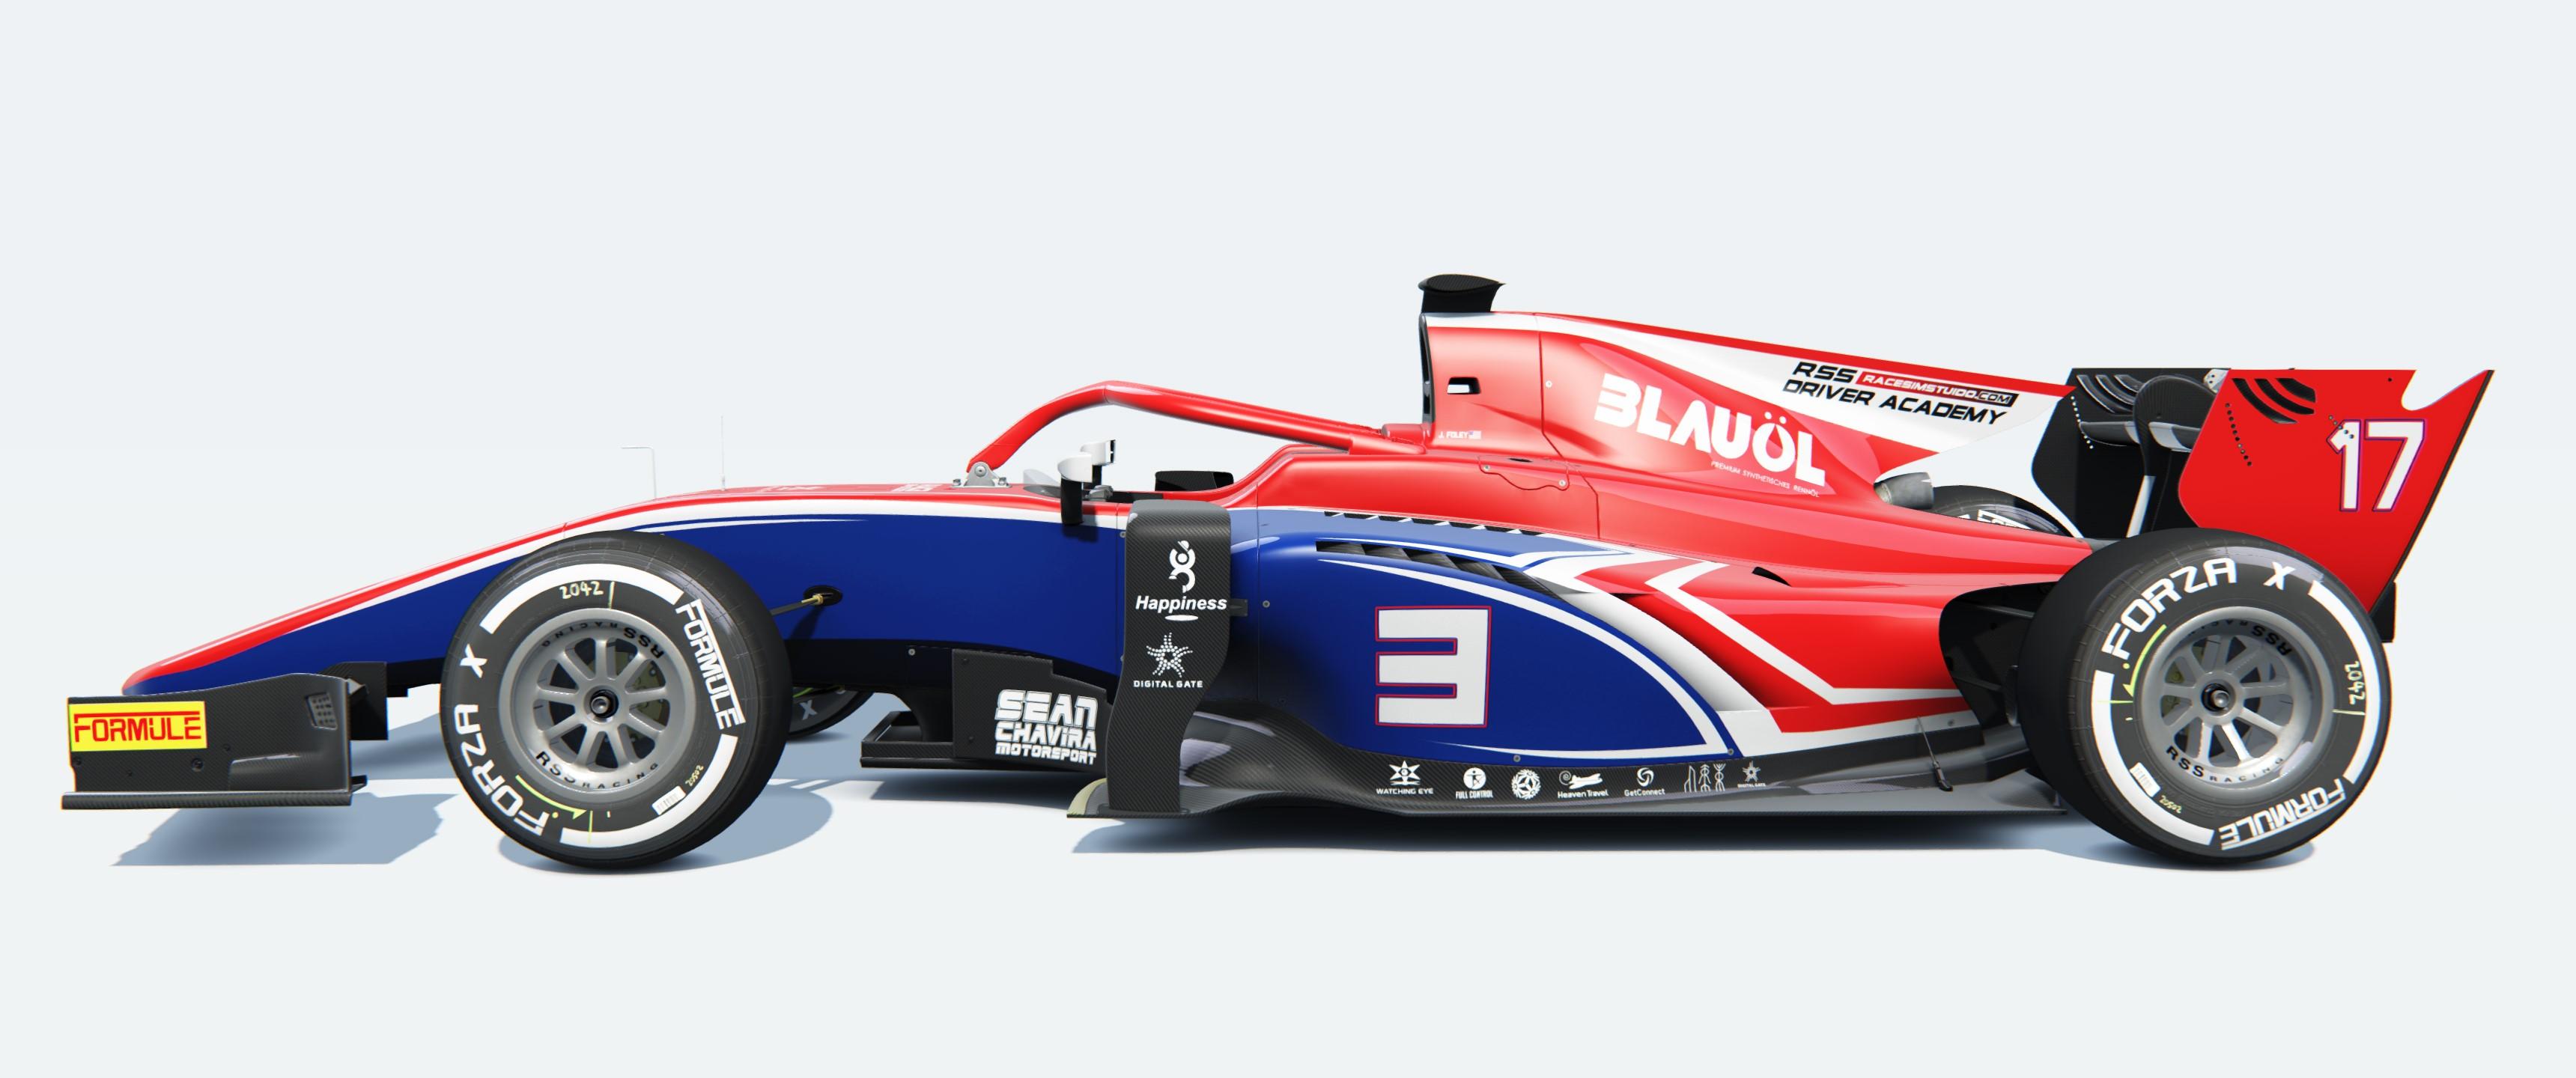 Formula RSS 2 V6 2018 Released! - RaceSimStudio